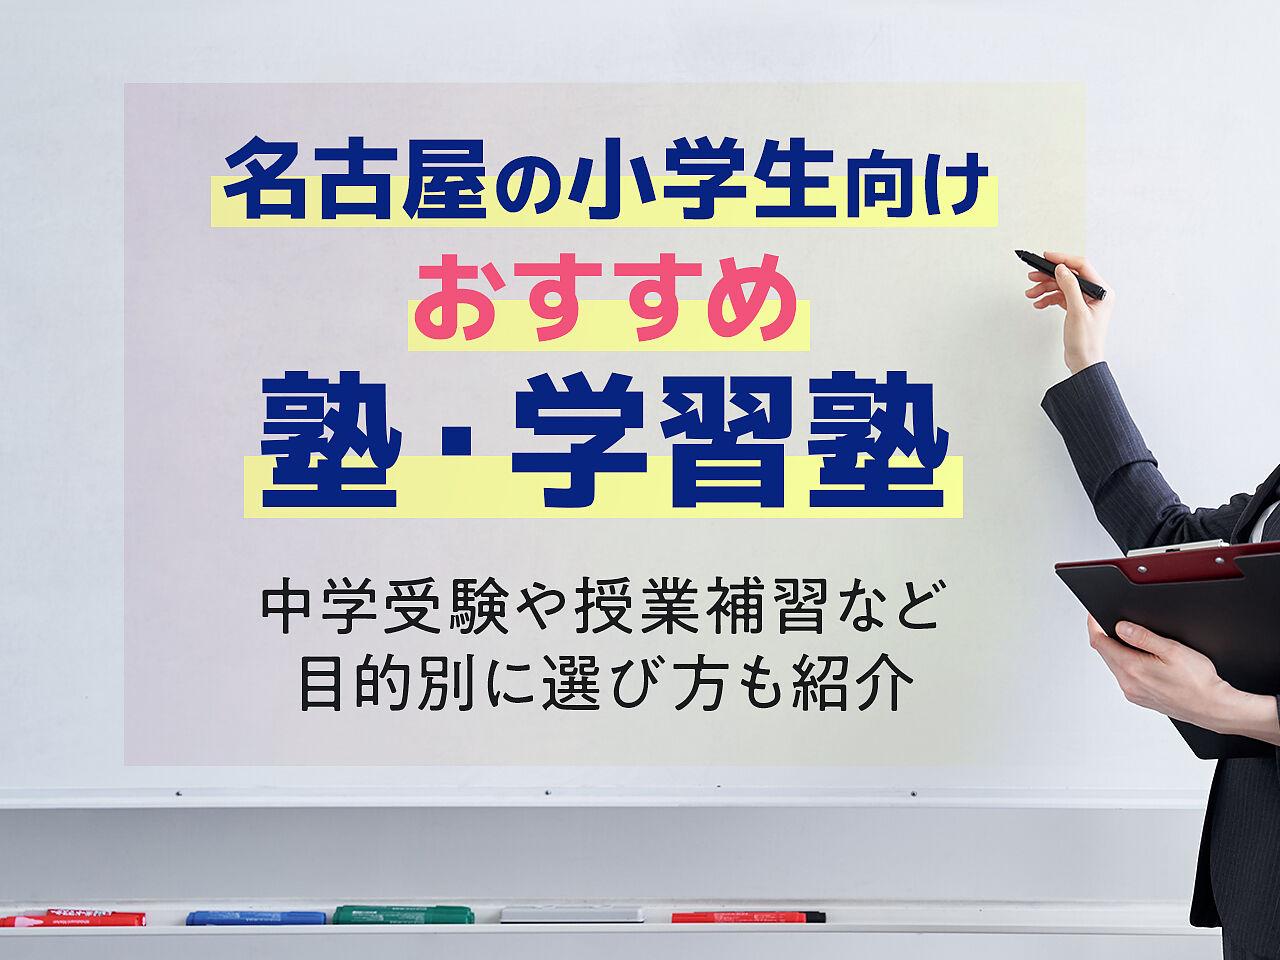 名古屋の小学生向け塾・学習塾おすすめ21選!中学受験や授業補習など目的別に選び方をご紹介 の画像